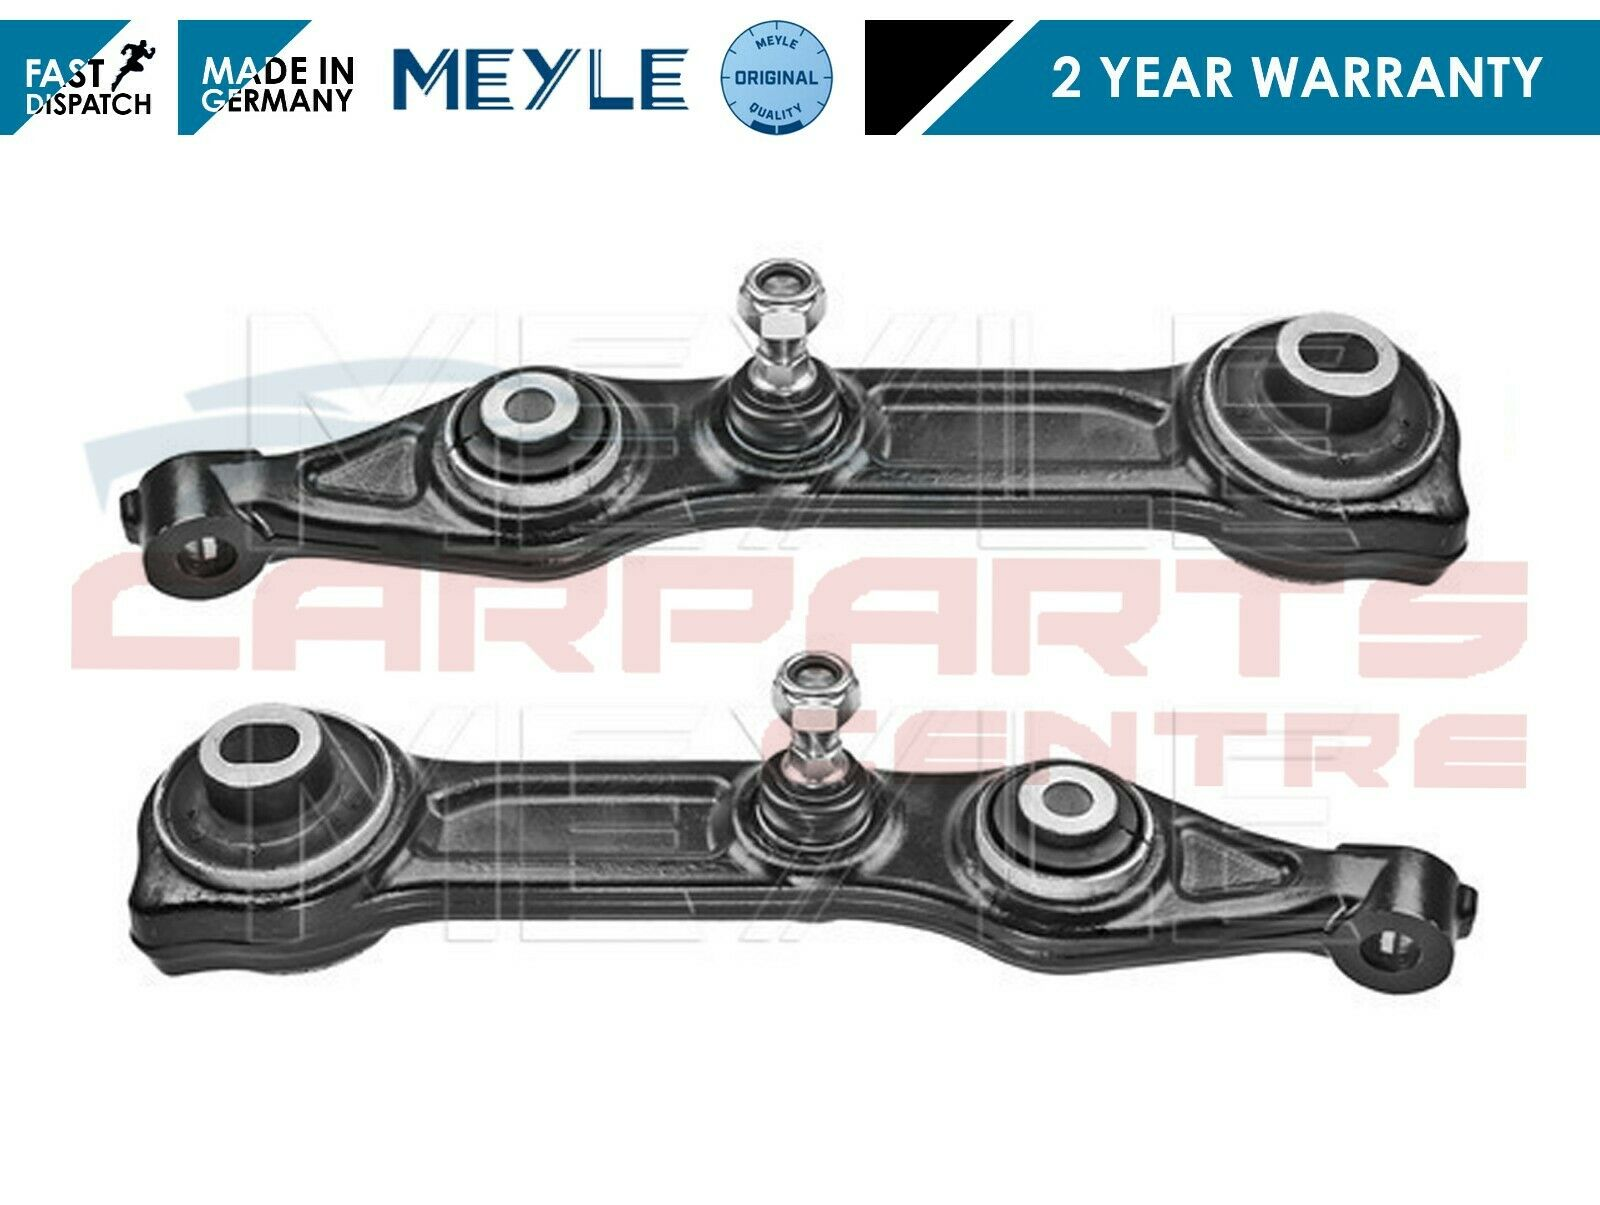 Mercedes Est E350 S211 04-09 Front Brake Disc+Pads